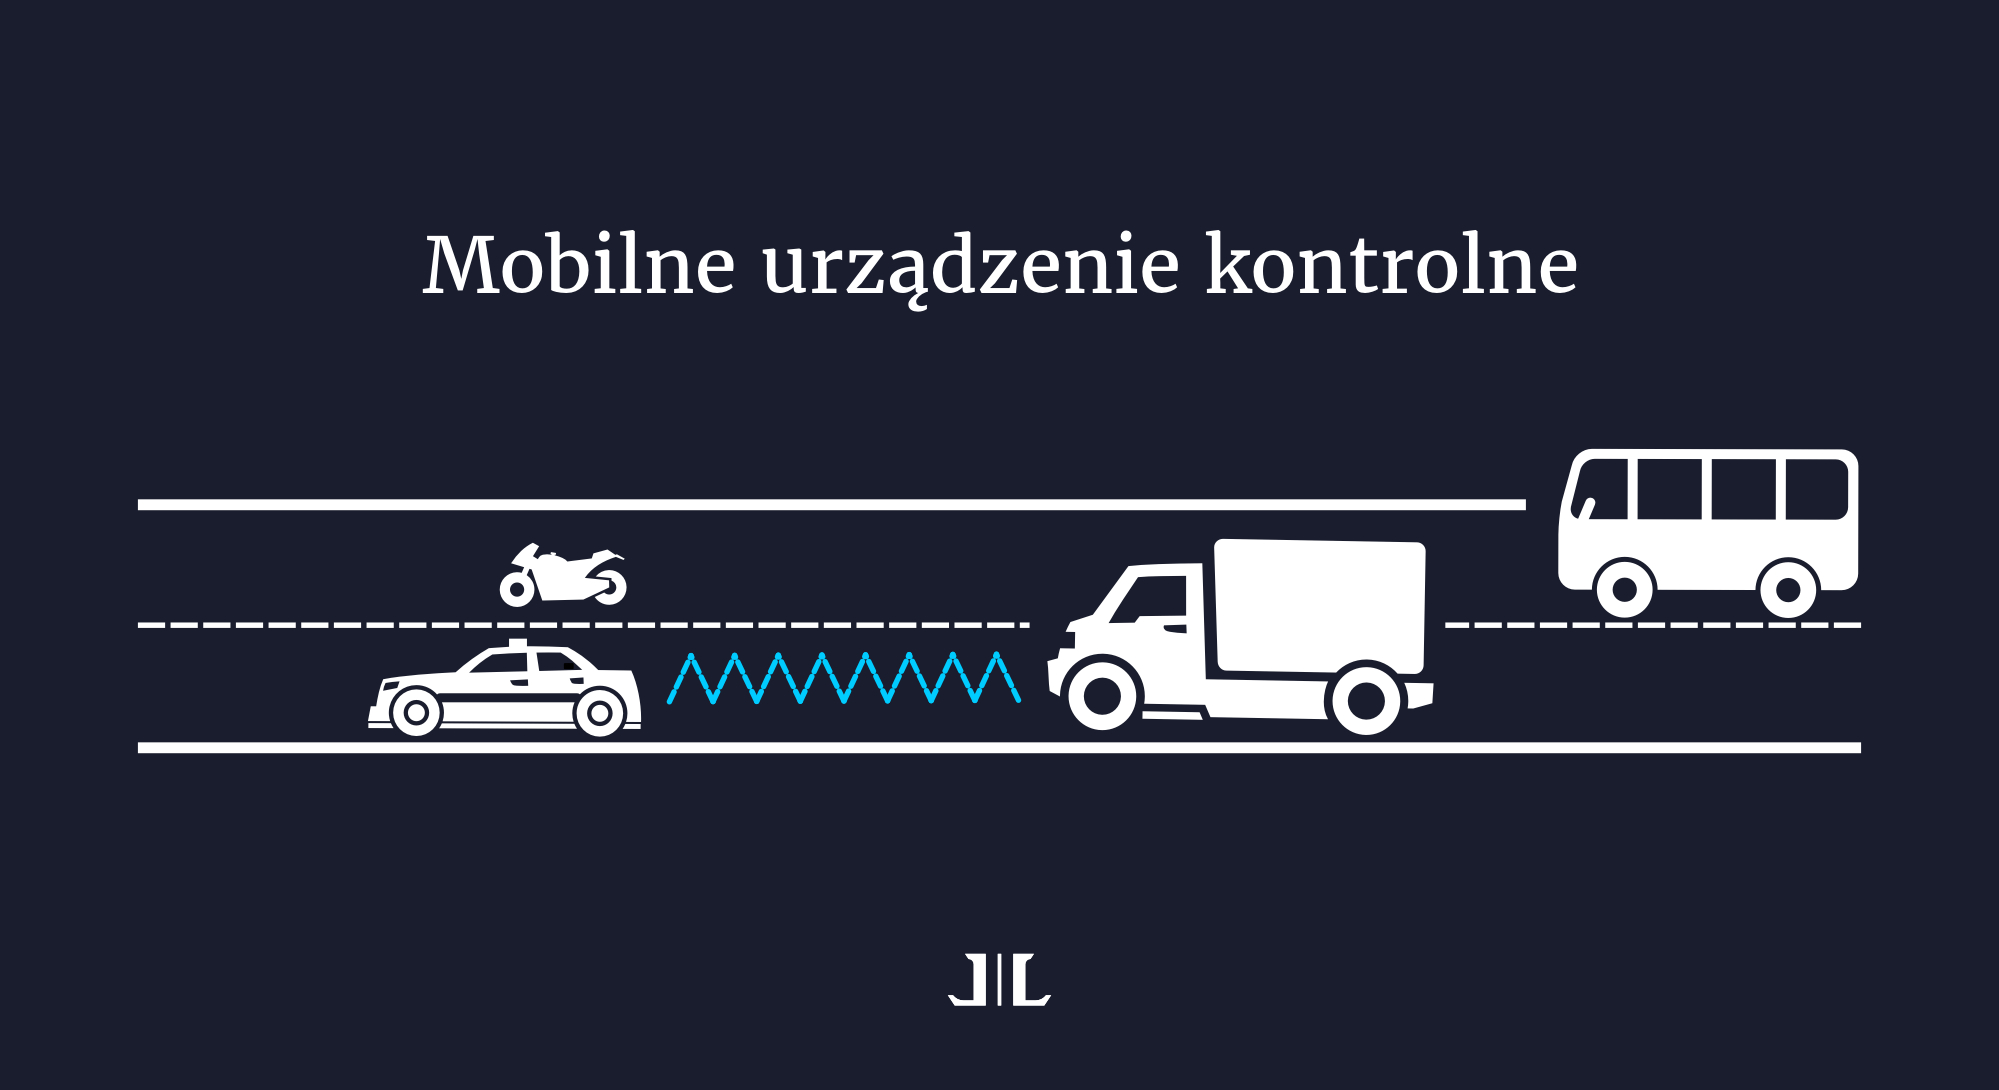 Mobilne pobieranie danych